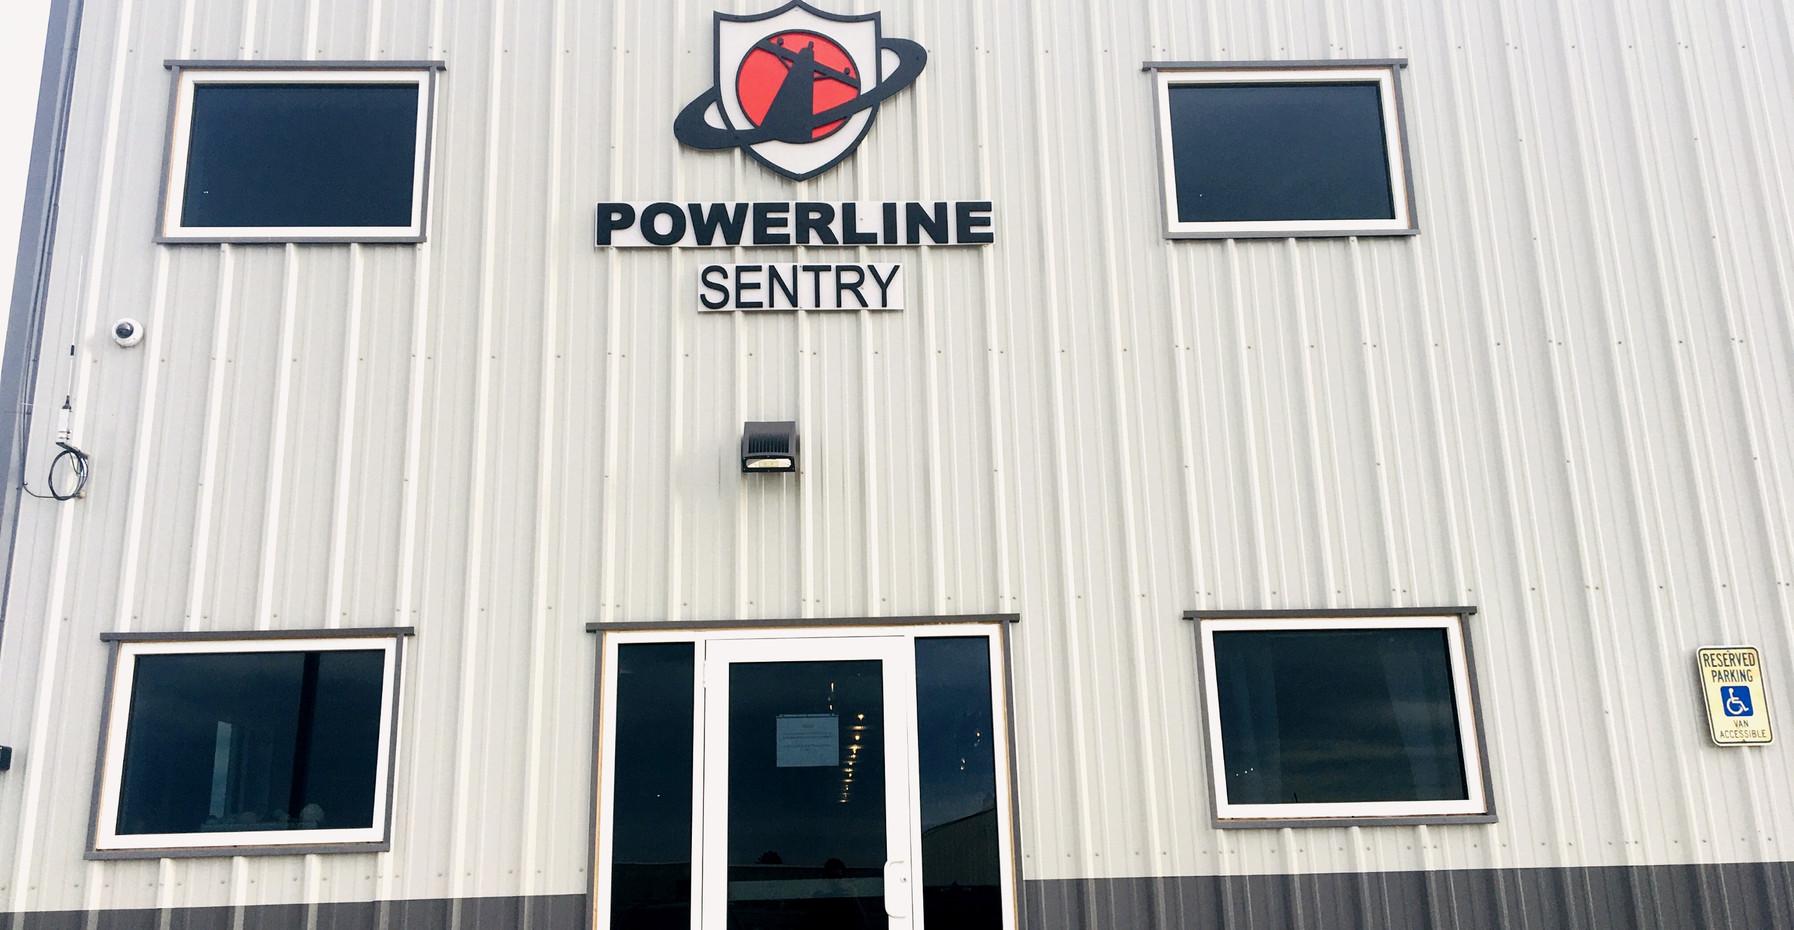 Power Line Sentry Entrance